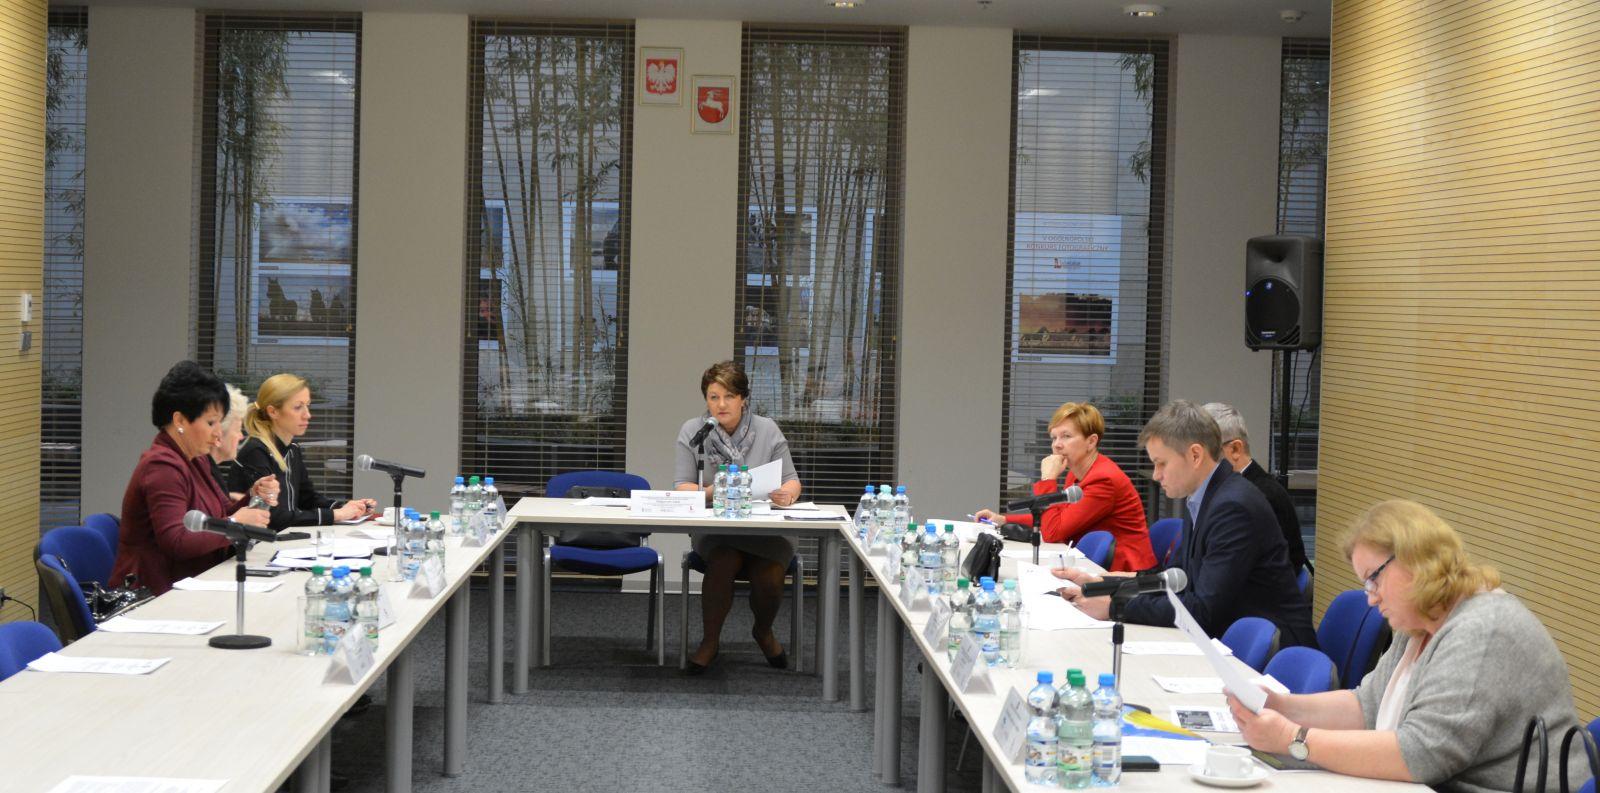 Posiedzenie SZR ds. Rynku Pracy, Zatrudnienia, Wynagrodzeń i Świadczeń Socjalnych WRDS Województwa Lubelskiego